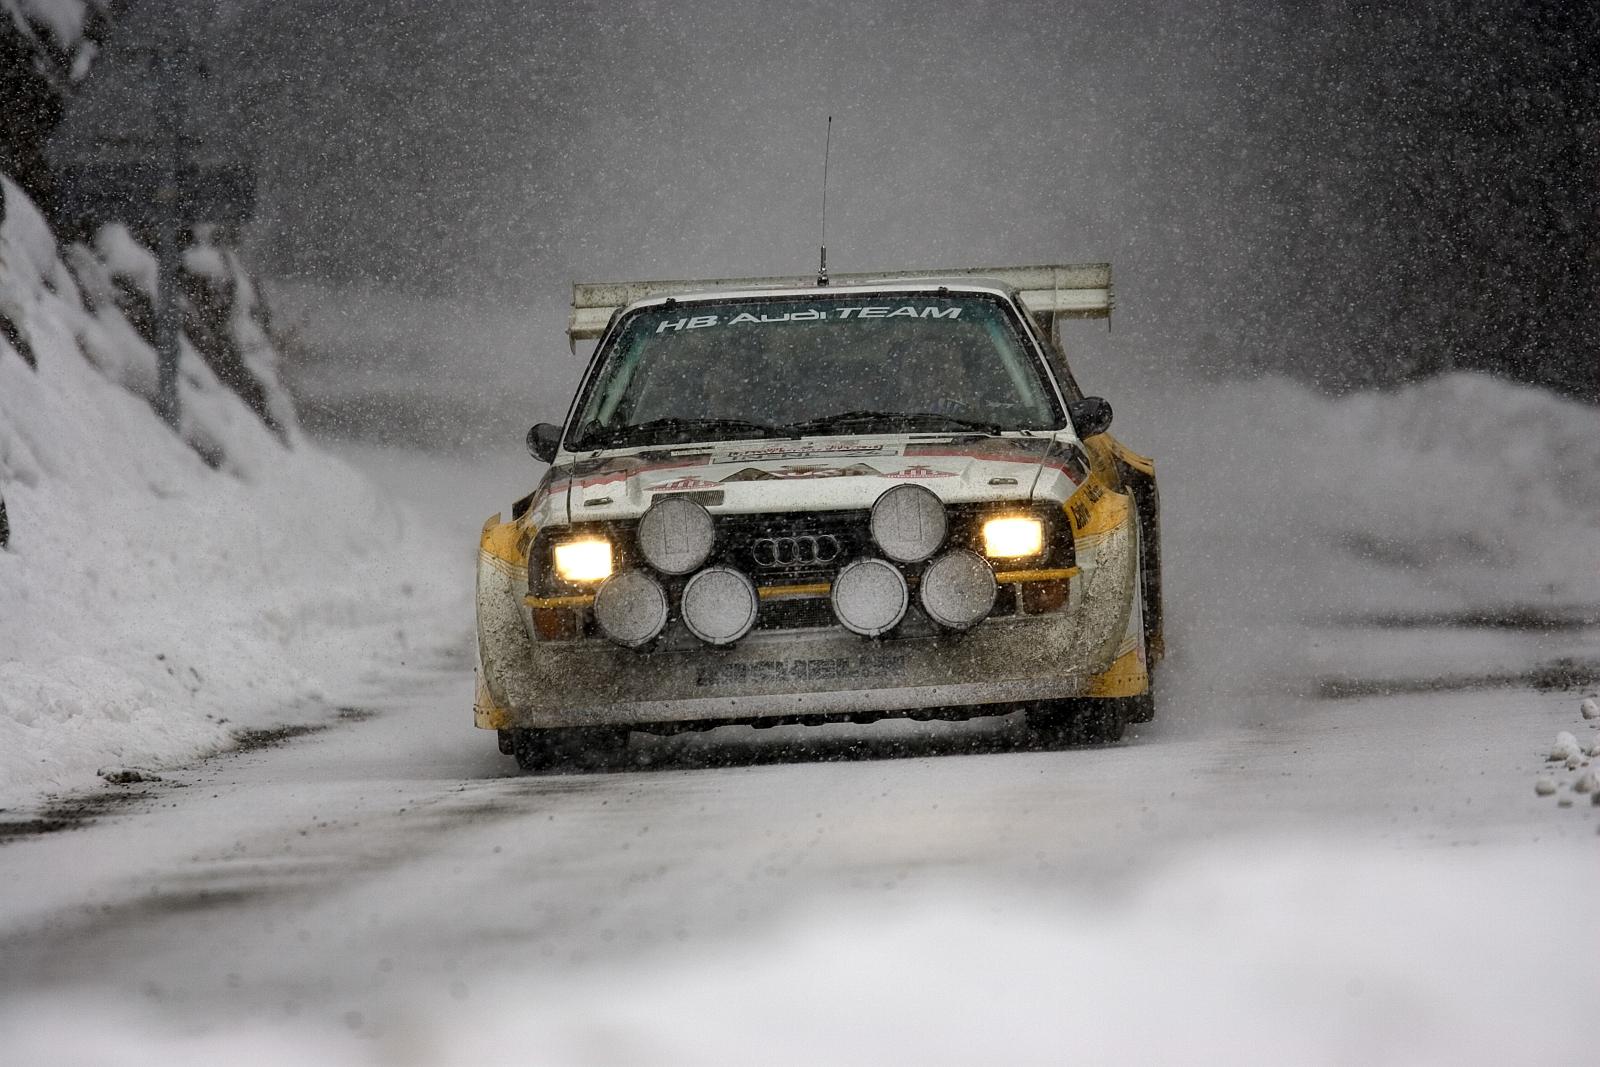 Audi S1 Quattro am Col De Turini